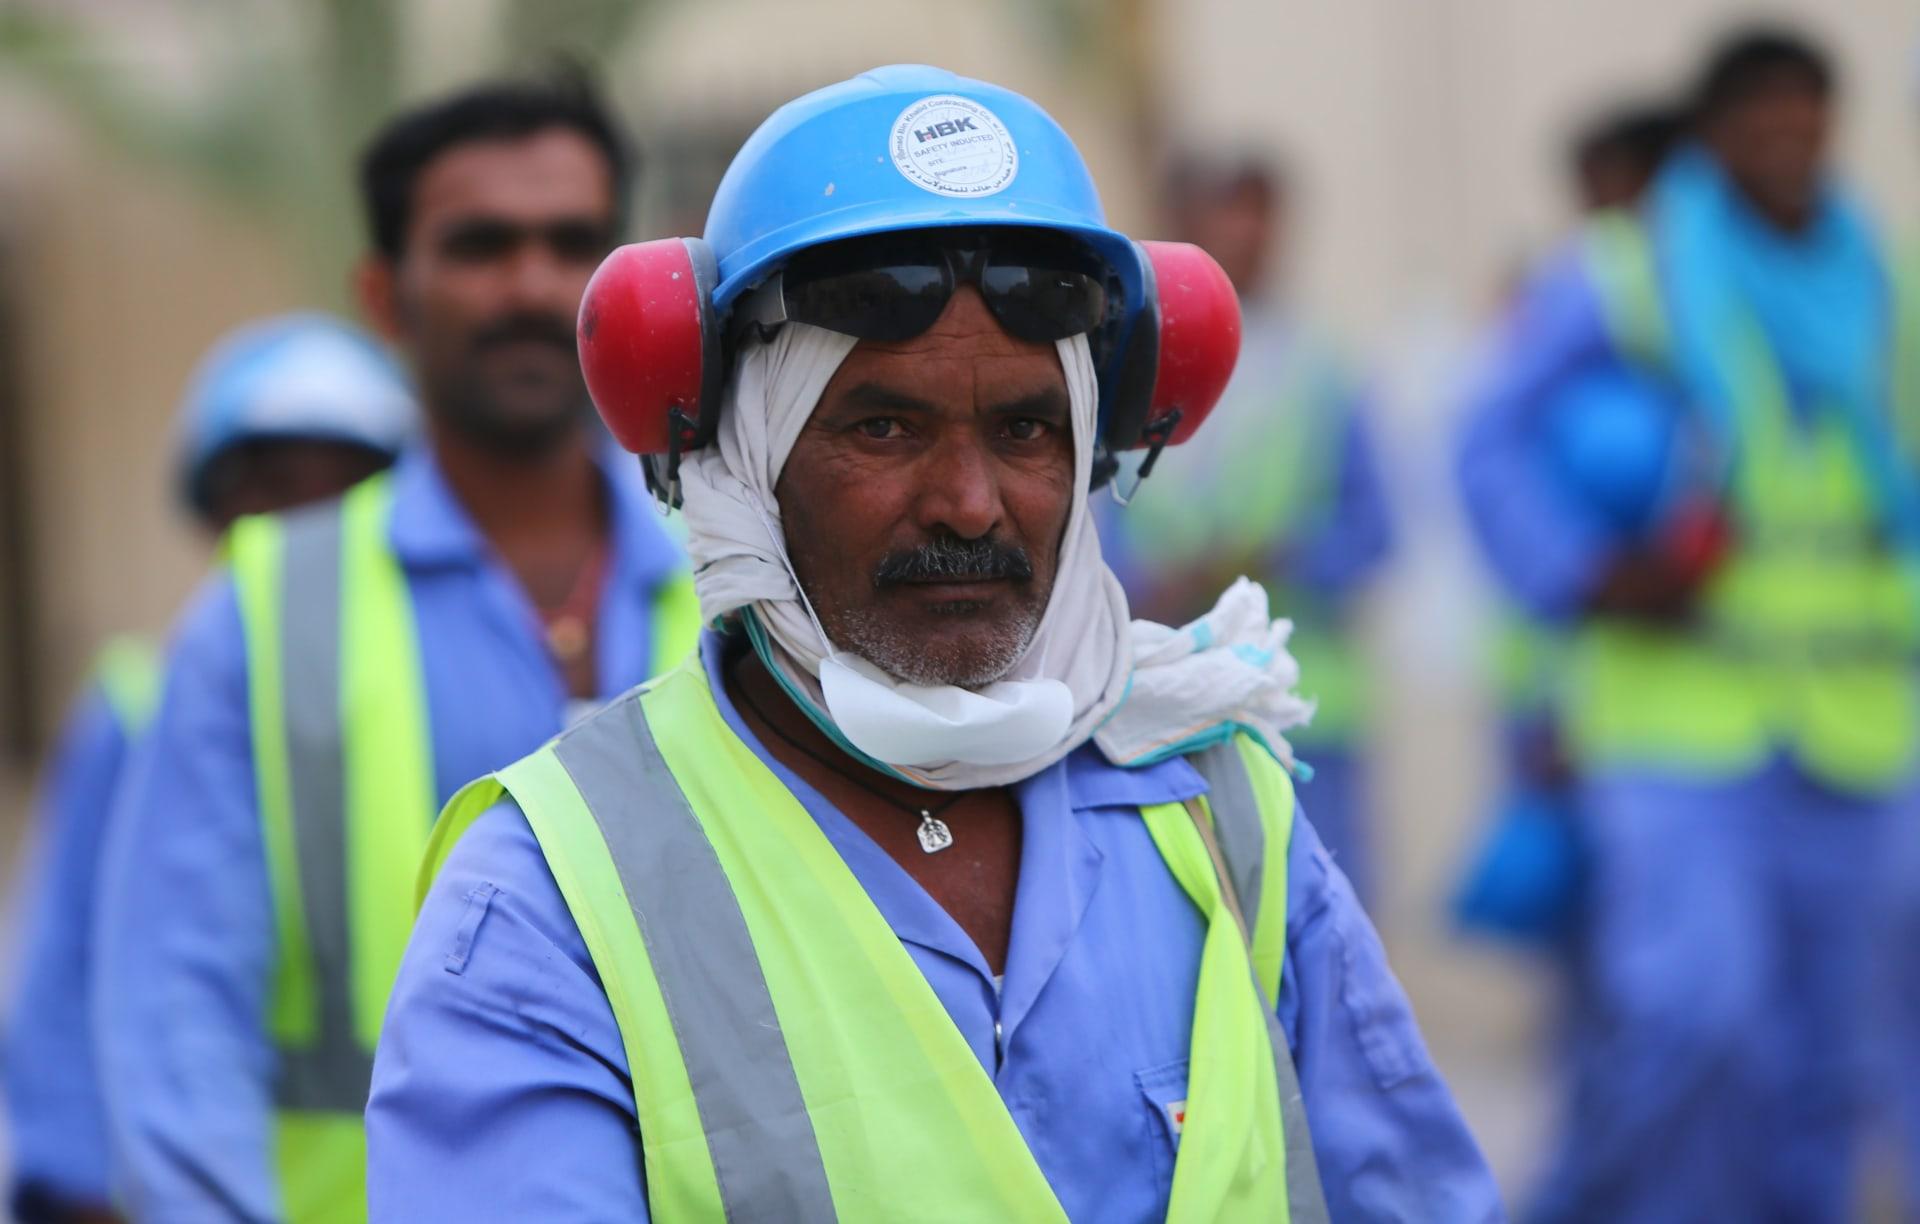 قطر تضع حدا أدنى للأجور.. ومنظمة العمل: أول دولة تتخذ القرار في المنطقة